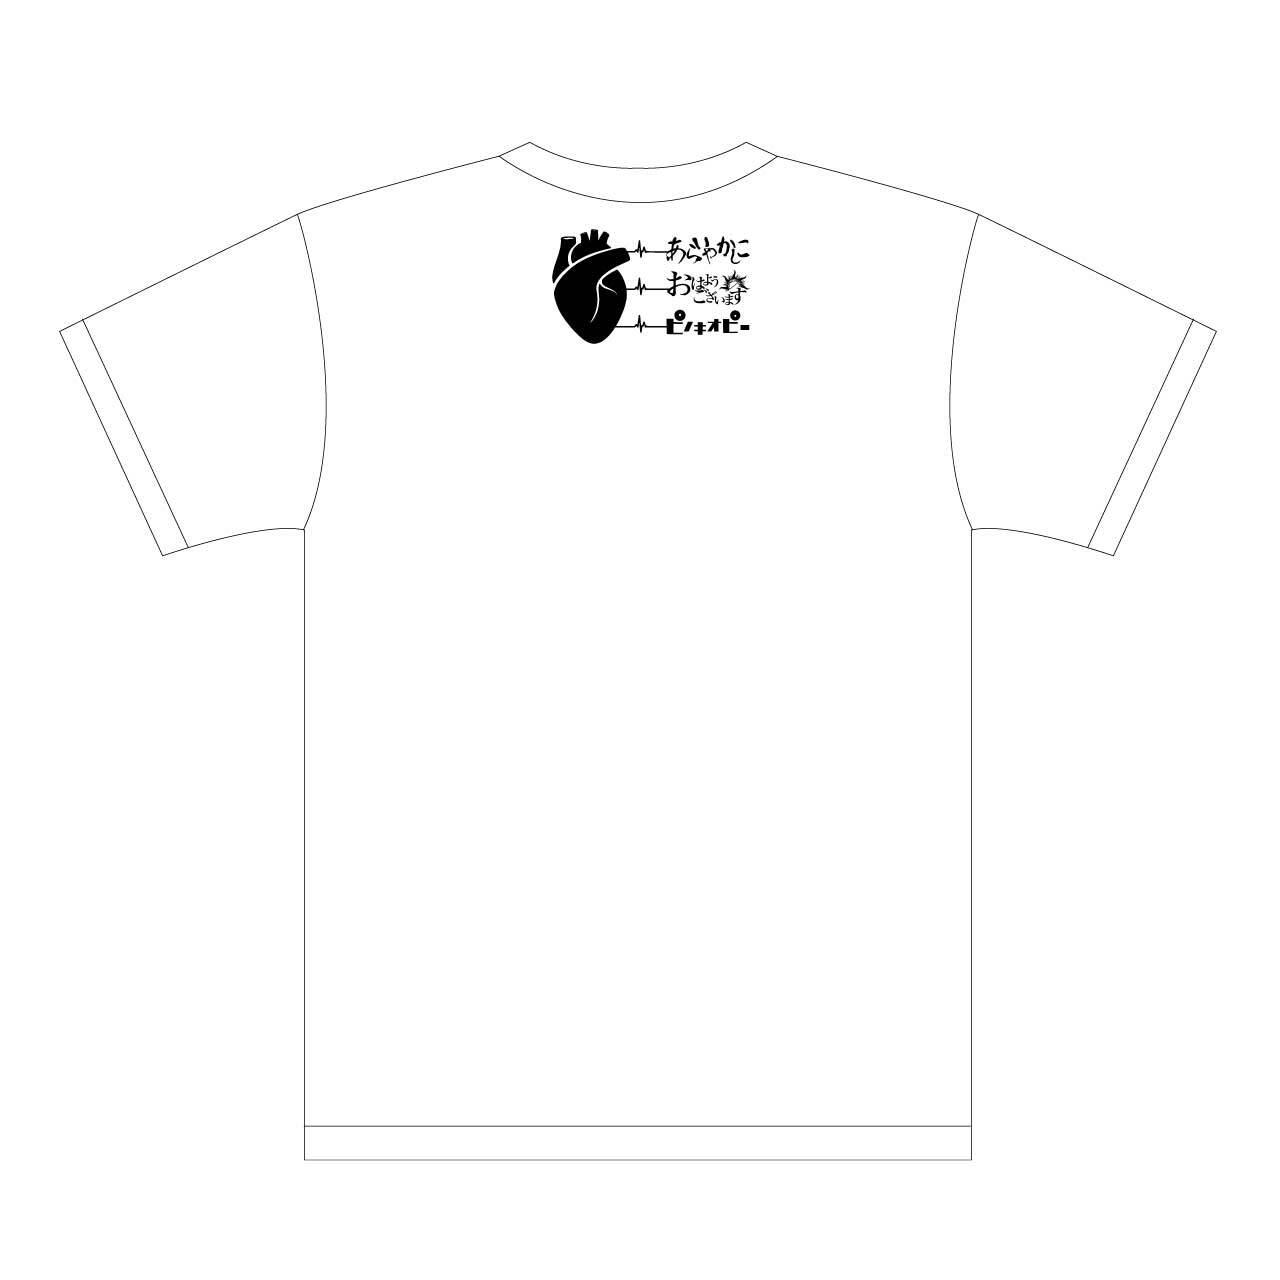 おはようございます×ピノキオピー×あらいやかしこ「心」Tシャツ(ホワイト) - 画像2